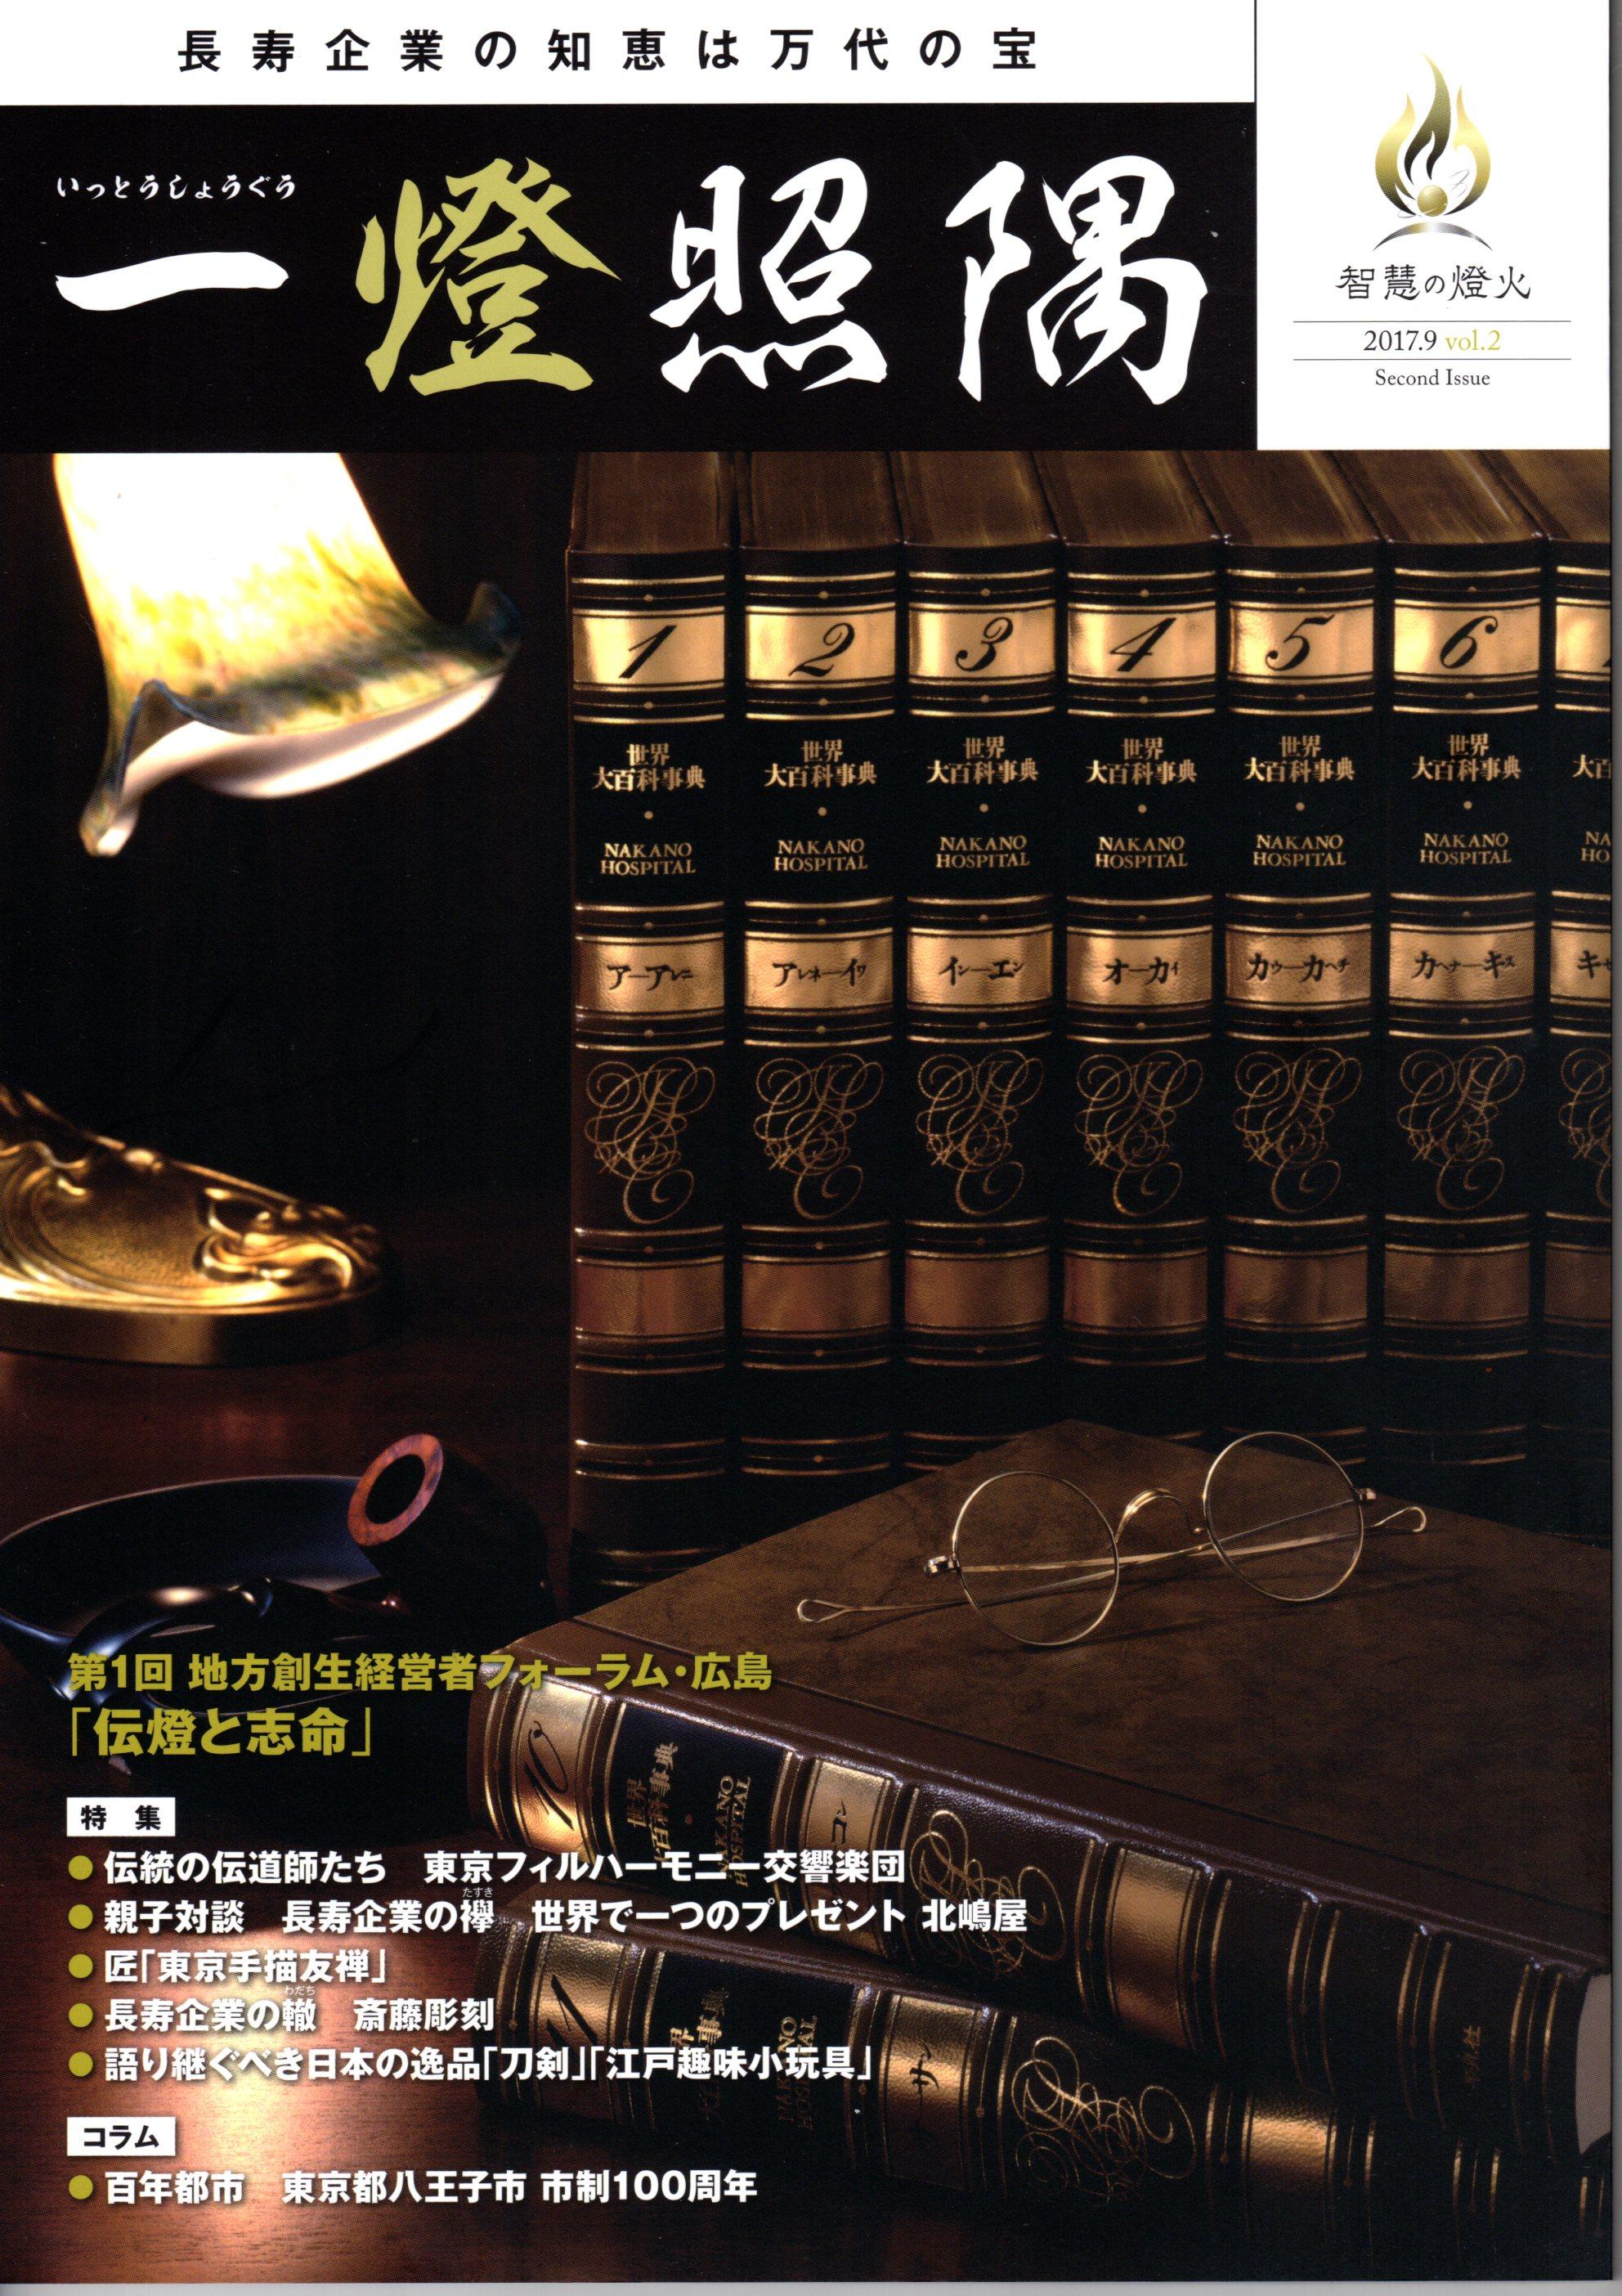 一燈照偶にて飯田高遠堂が掲載されました。